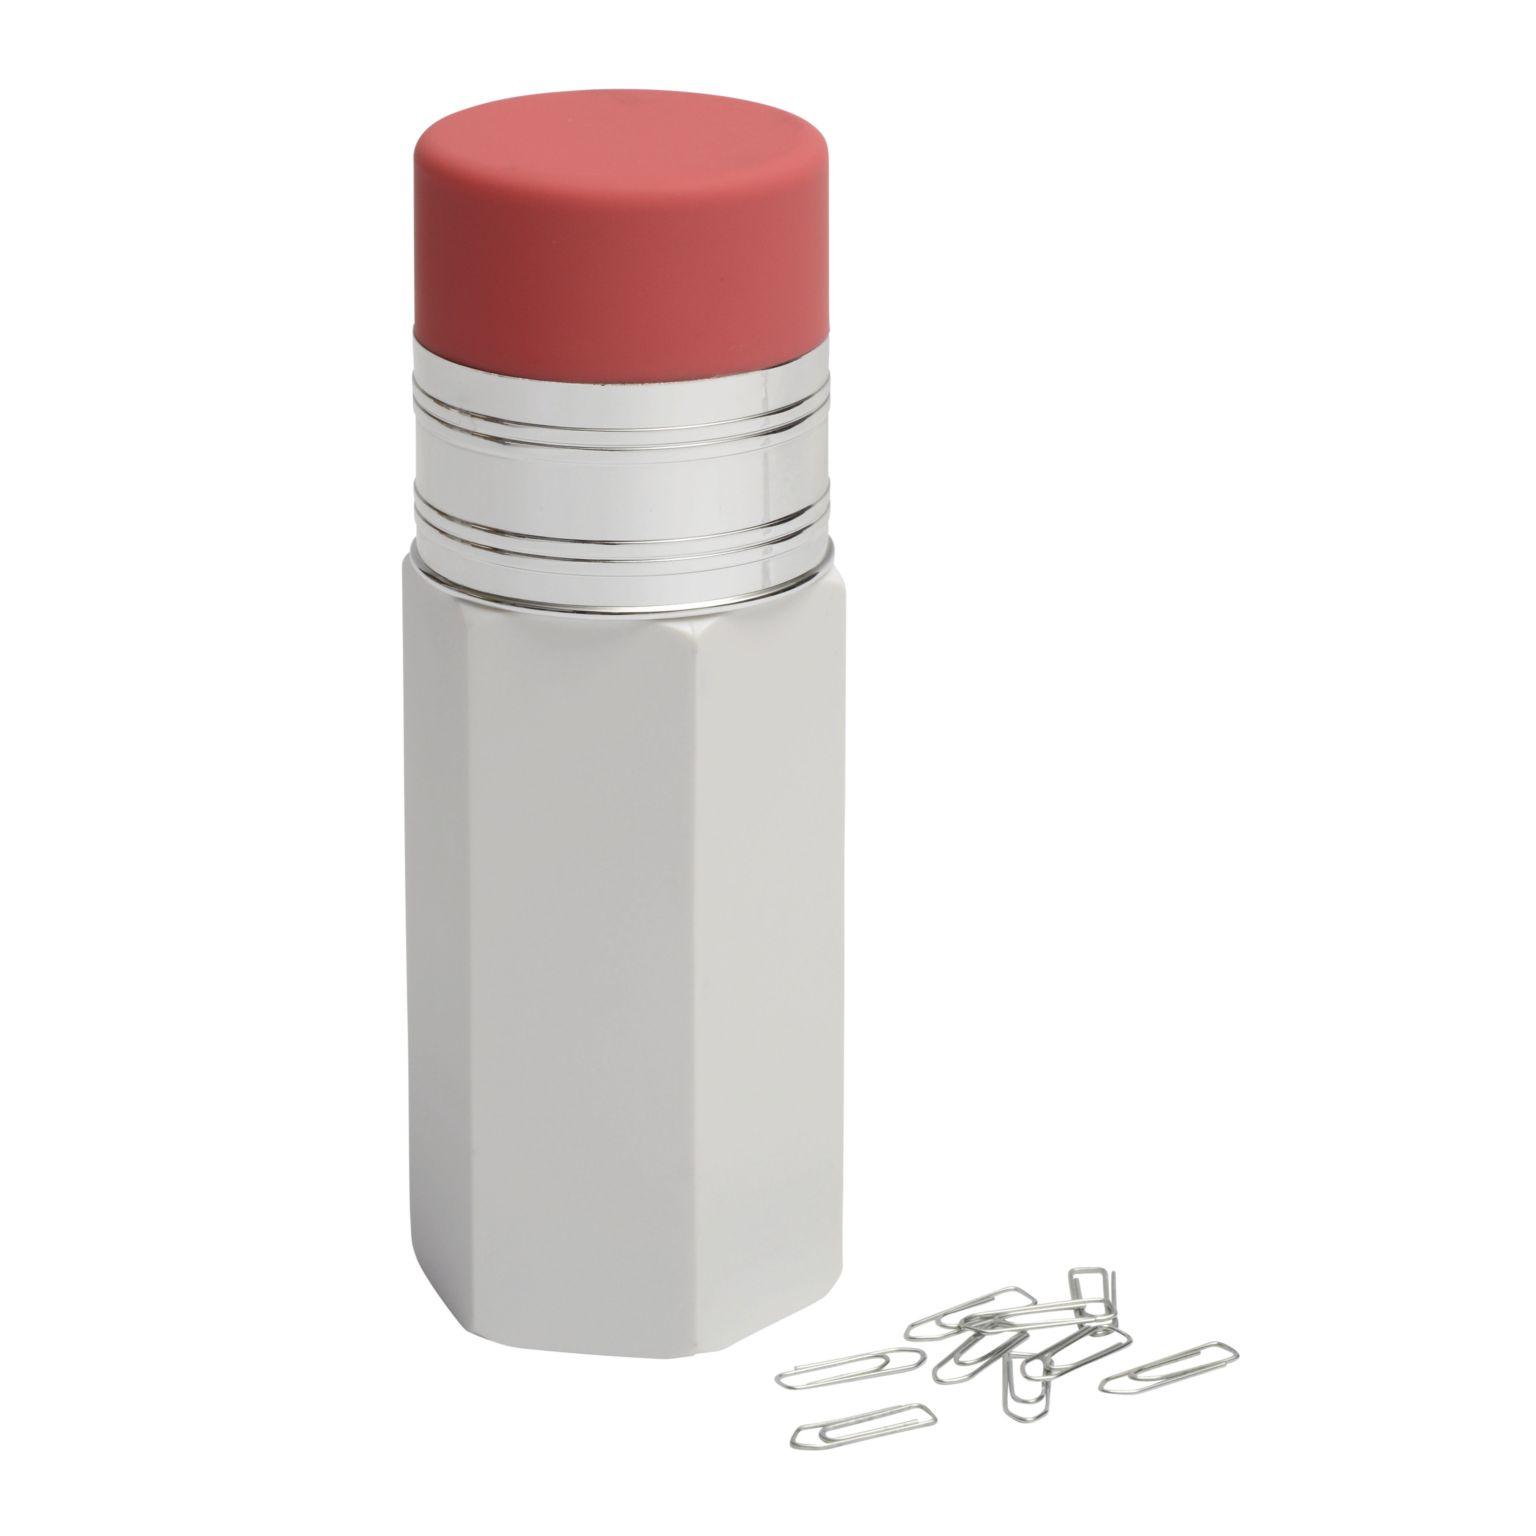 Porte crayon BIG PEN